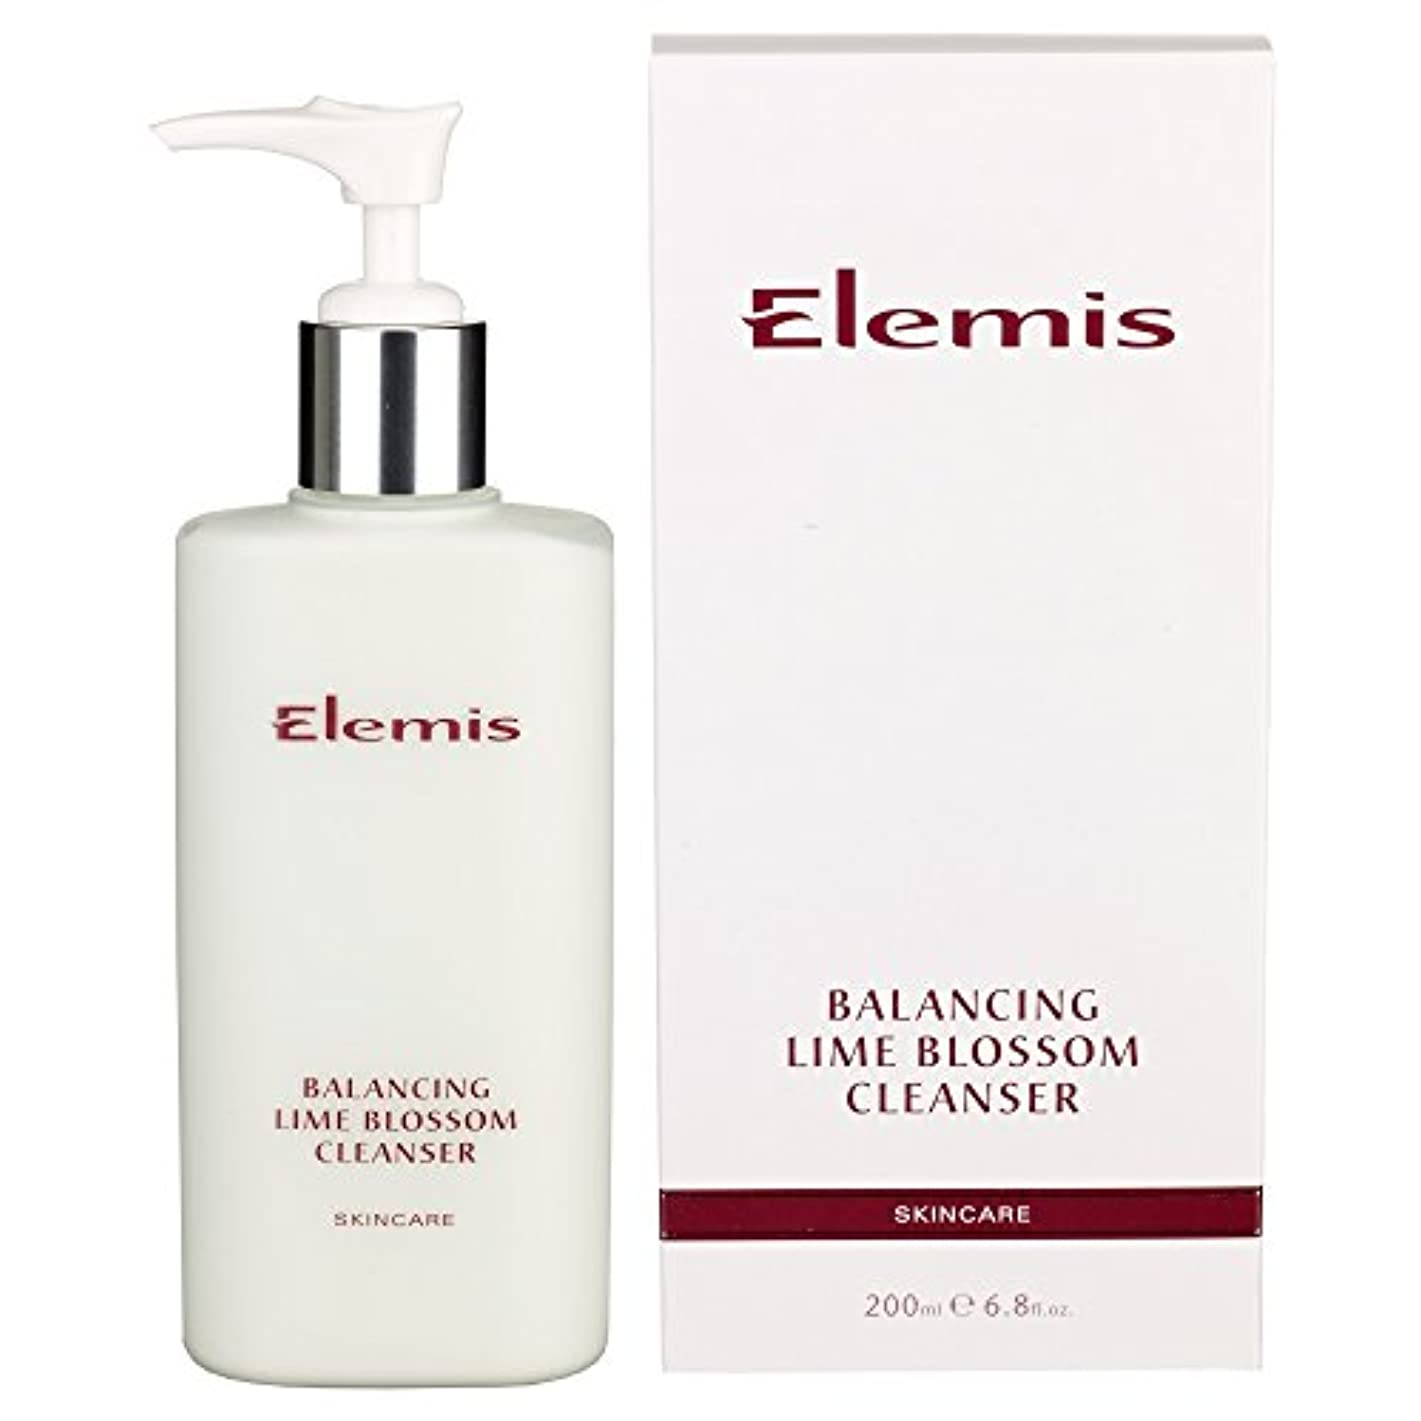 移動シャベル解くライムブロッサムクレンザーのバランスをとります (Elemis) (x6) - Balancing Lime Blossom Cleanser (Pack of 6) [並行輸入品]